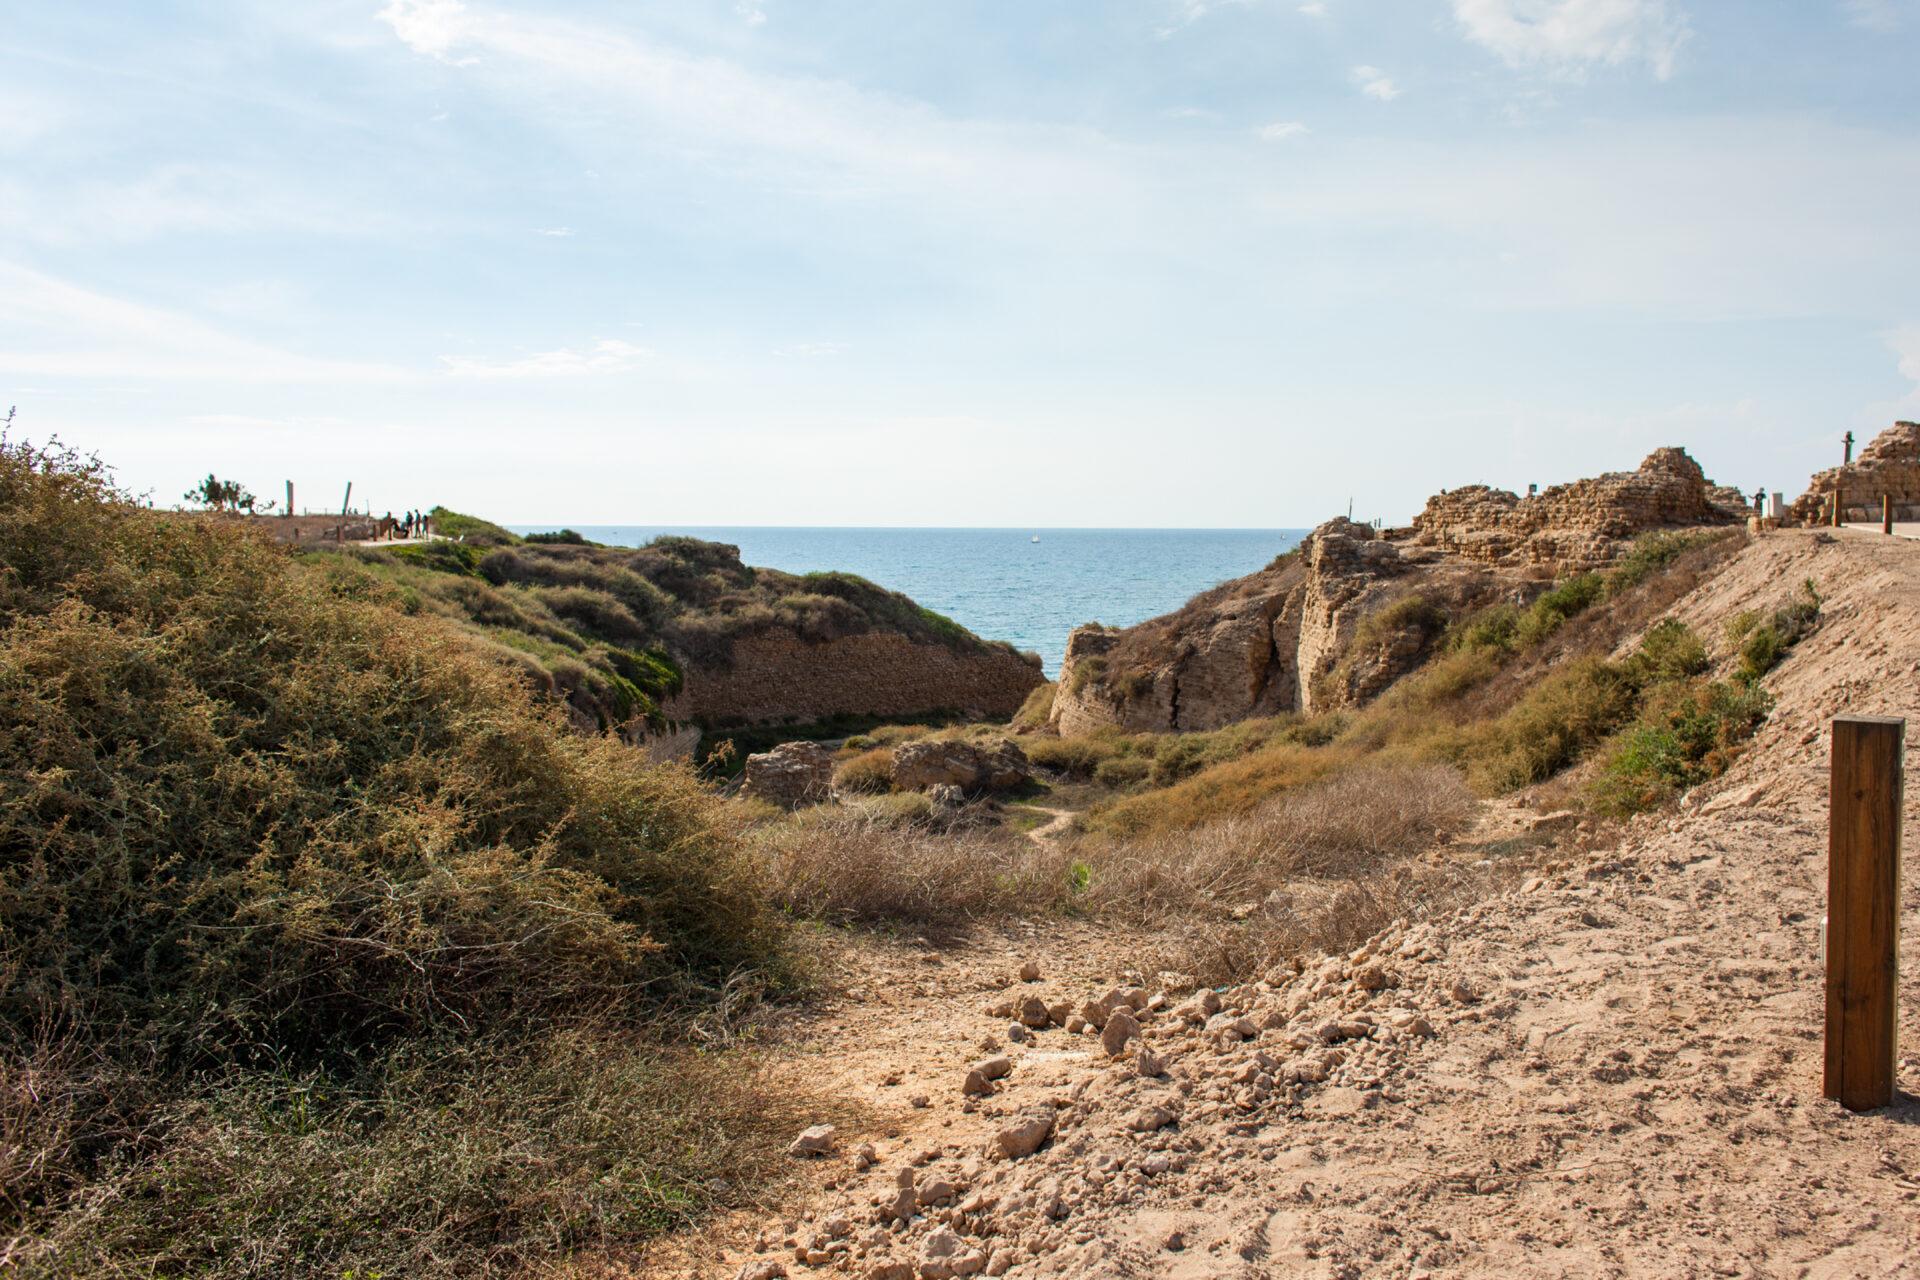 Аполлония национальный парк -Израиль.